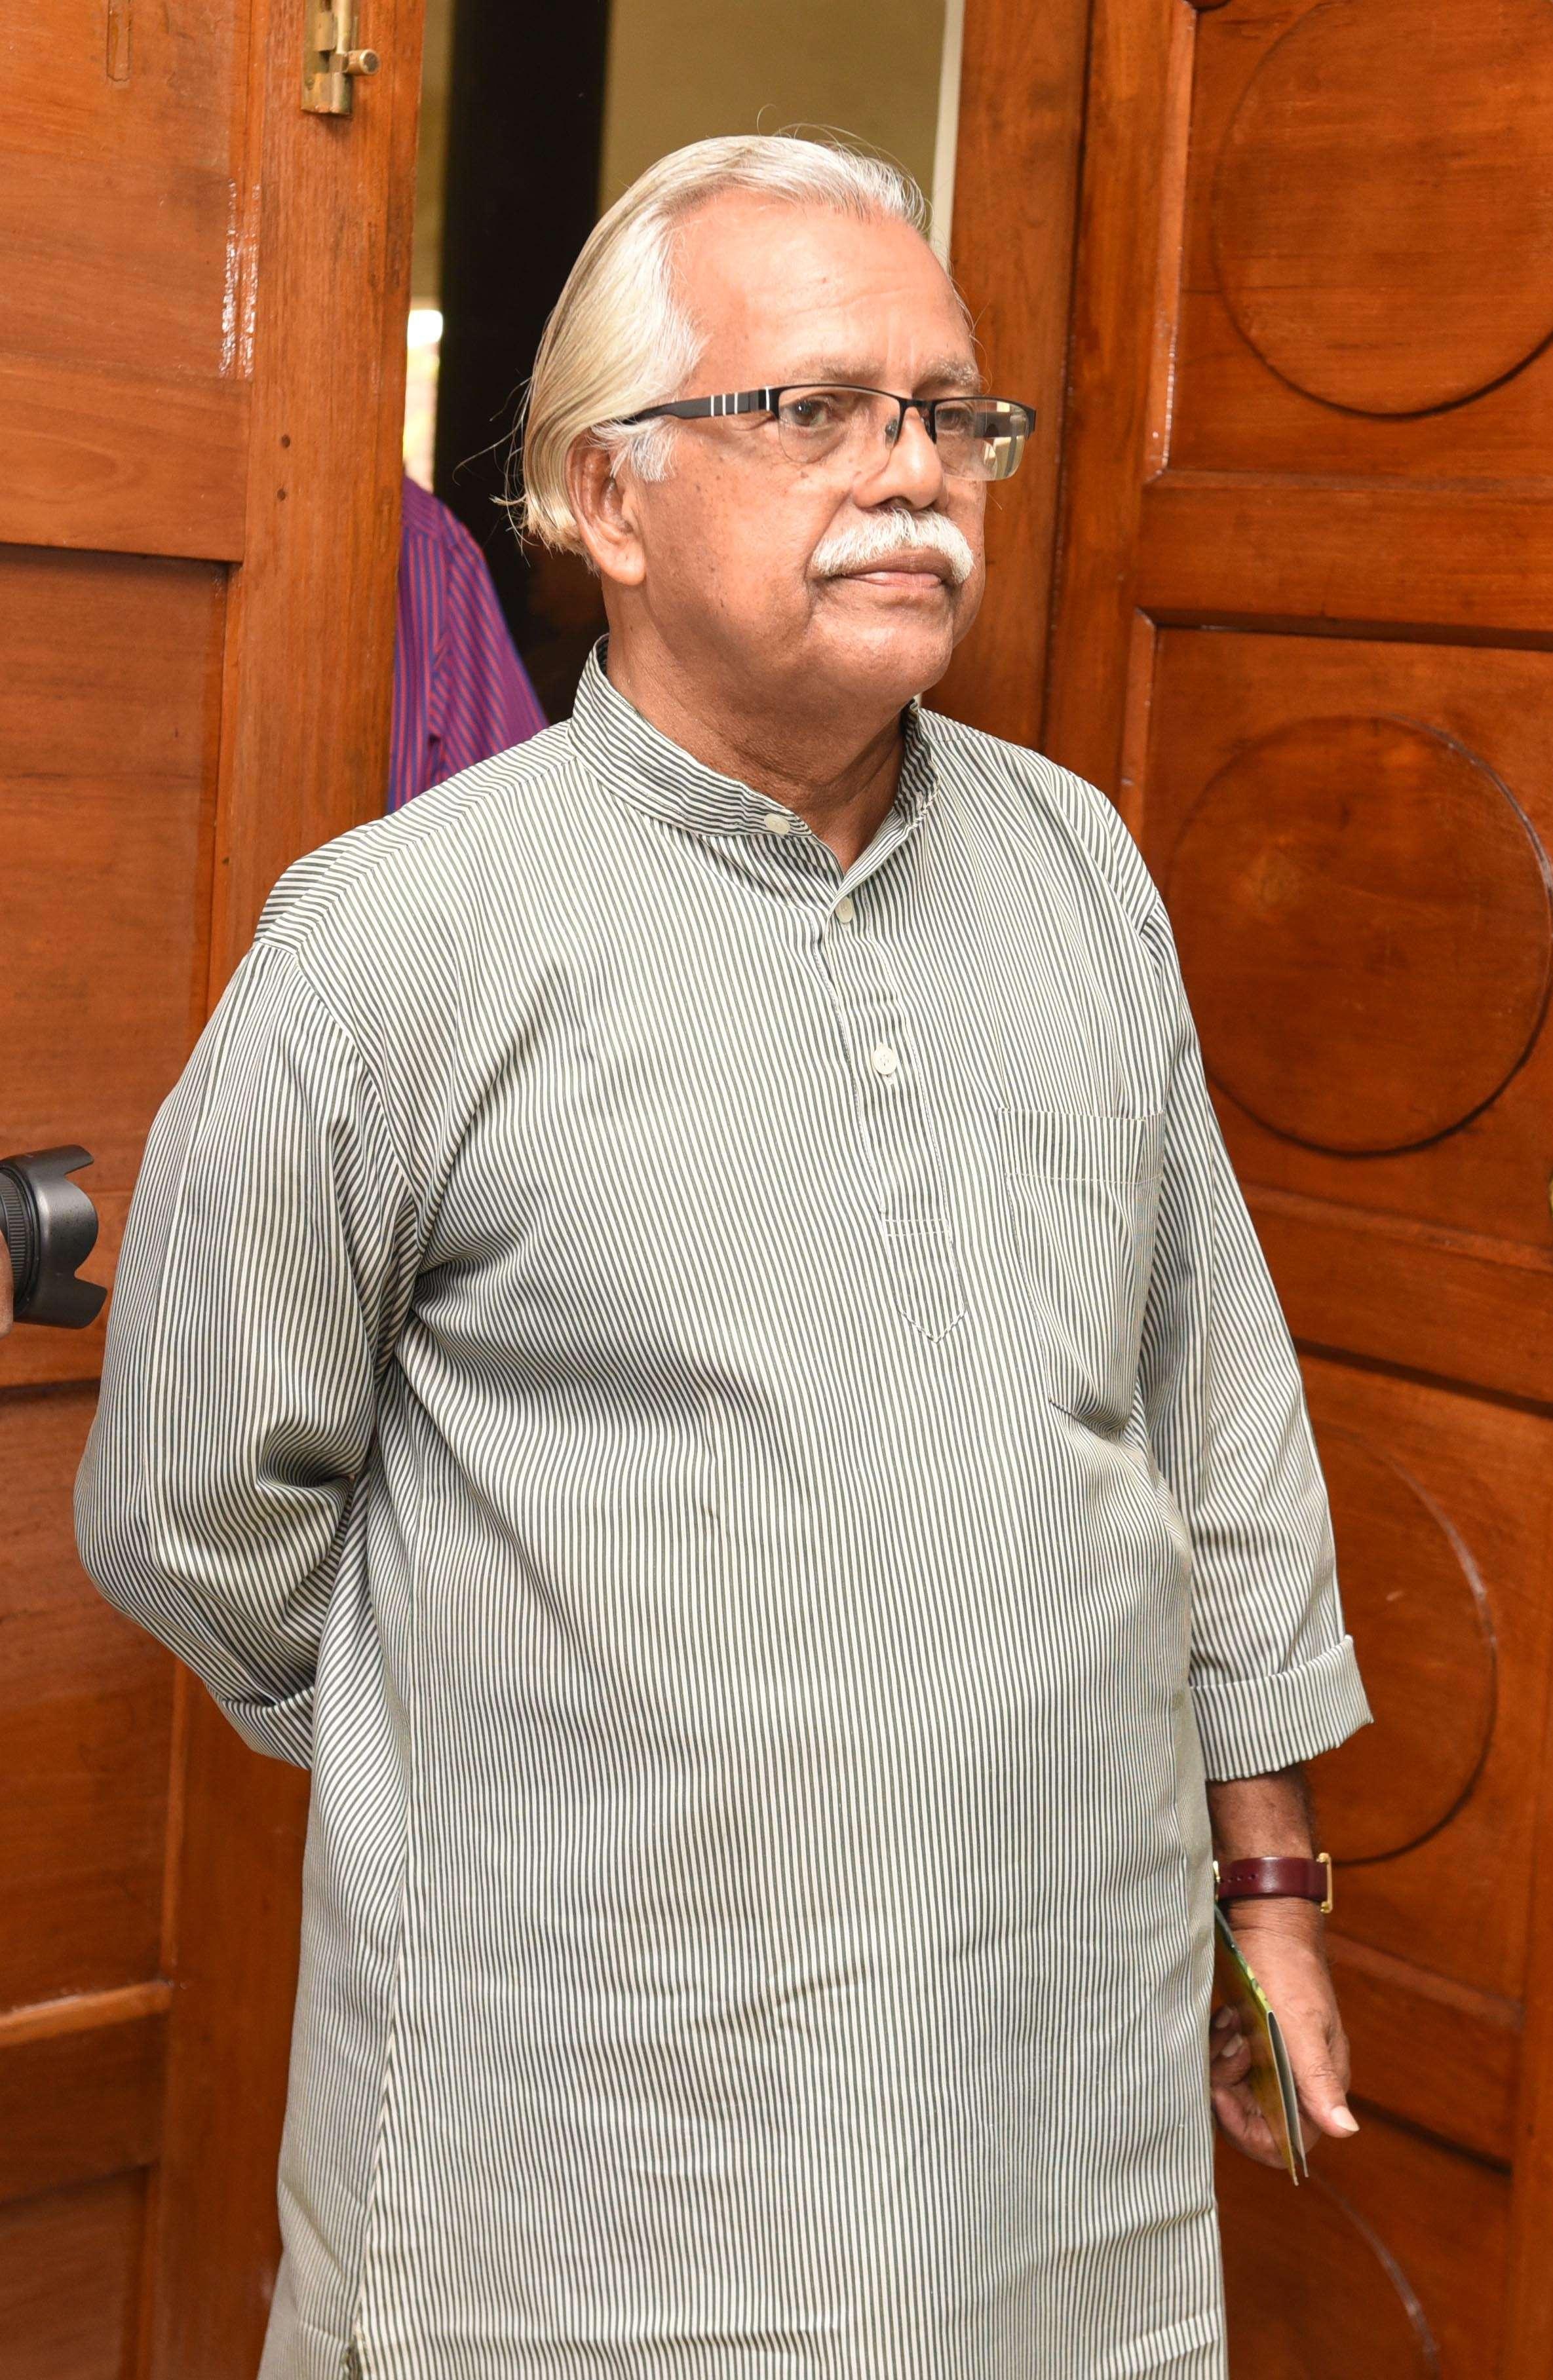 Kattoor Narayana Pillai